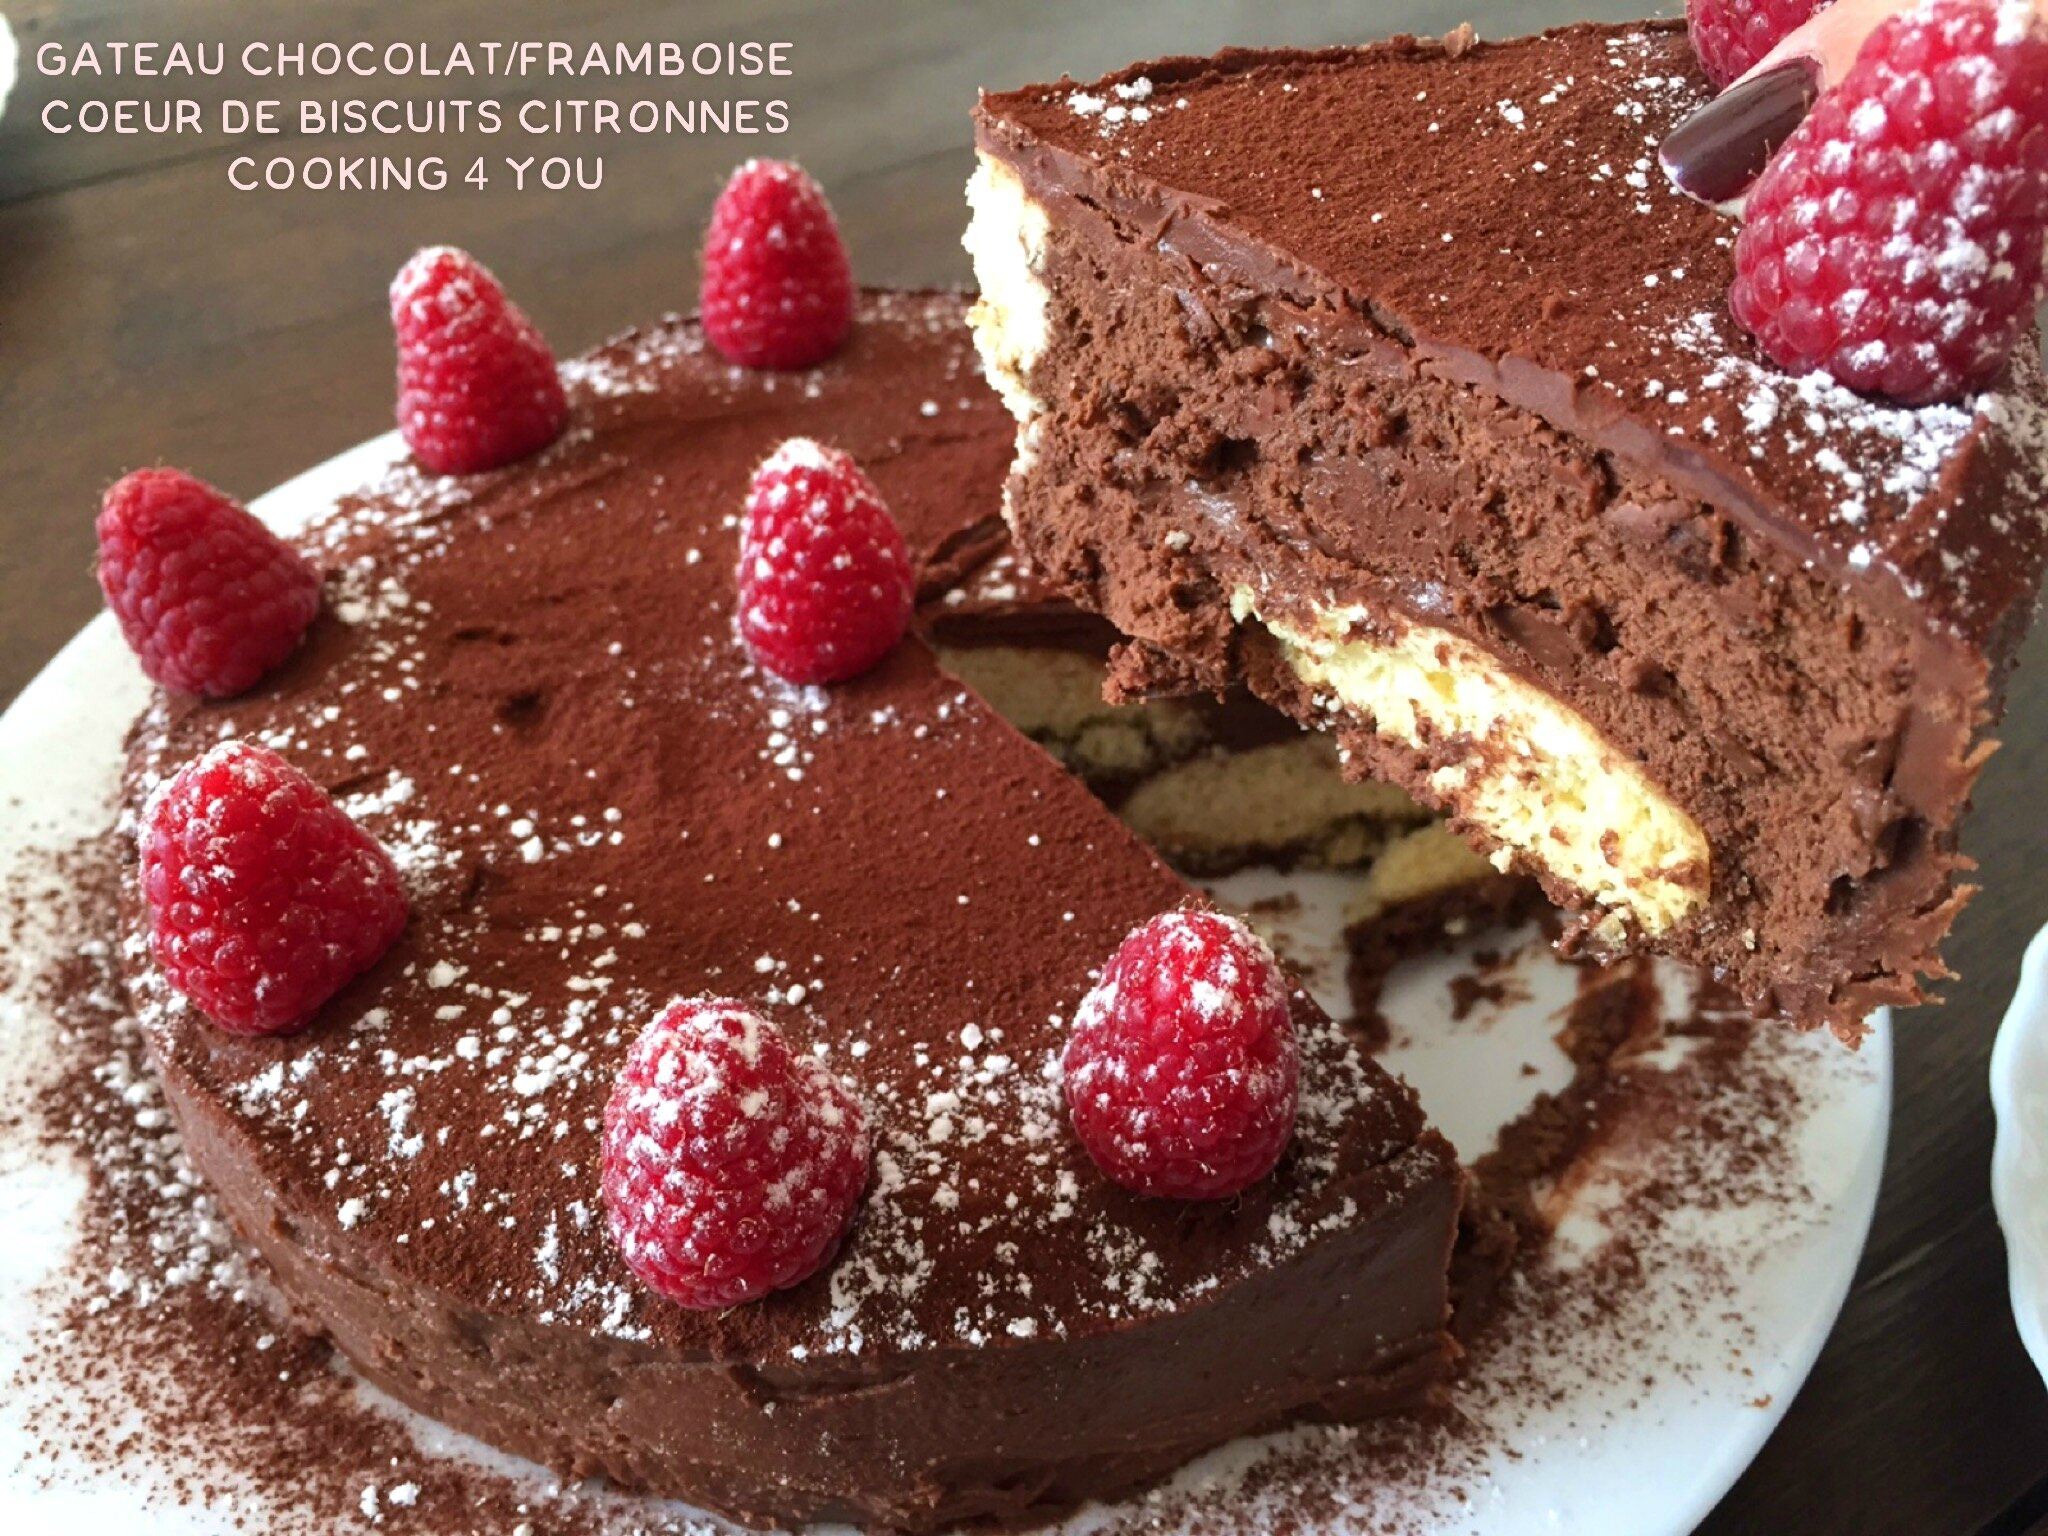 Gâteau au chocolat et Framboises, coeur de biscuits citronnés